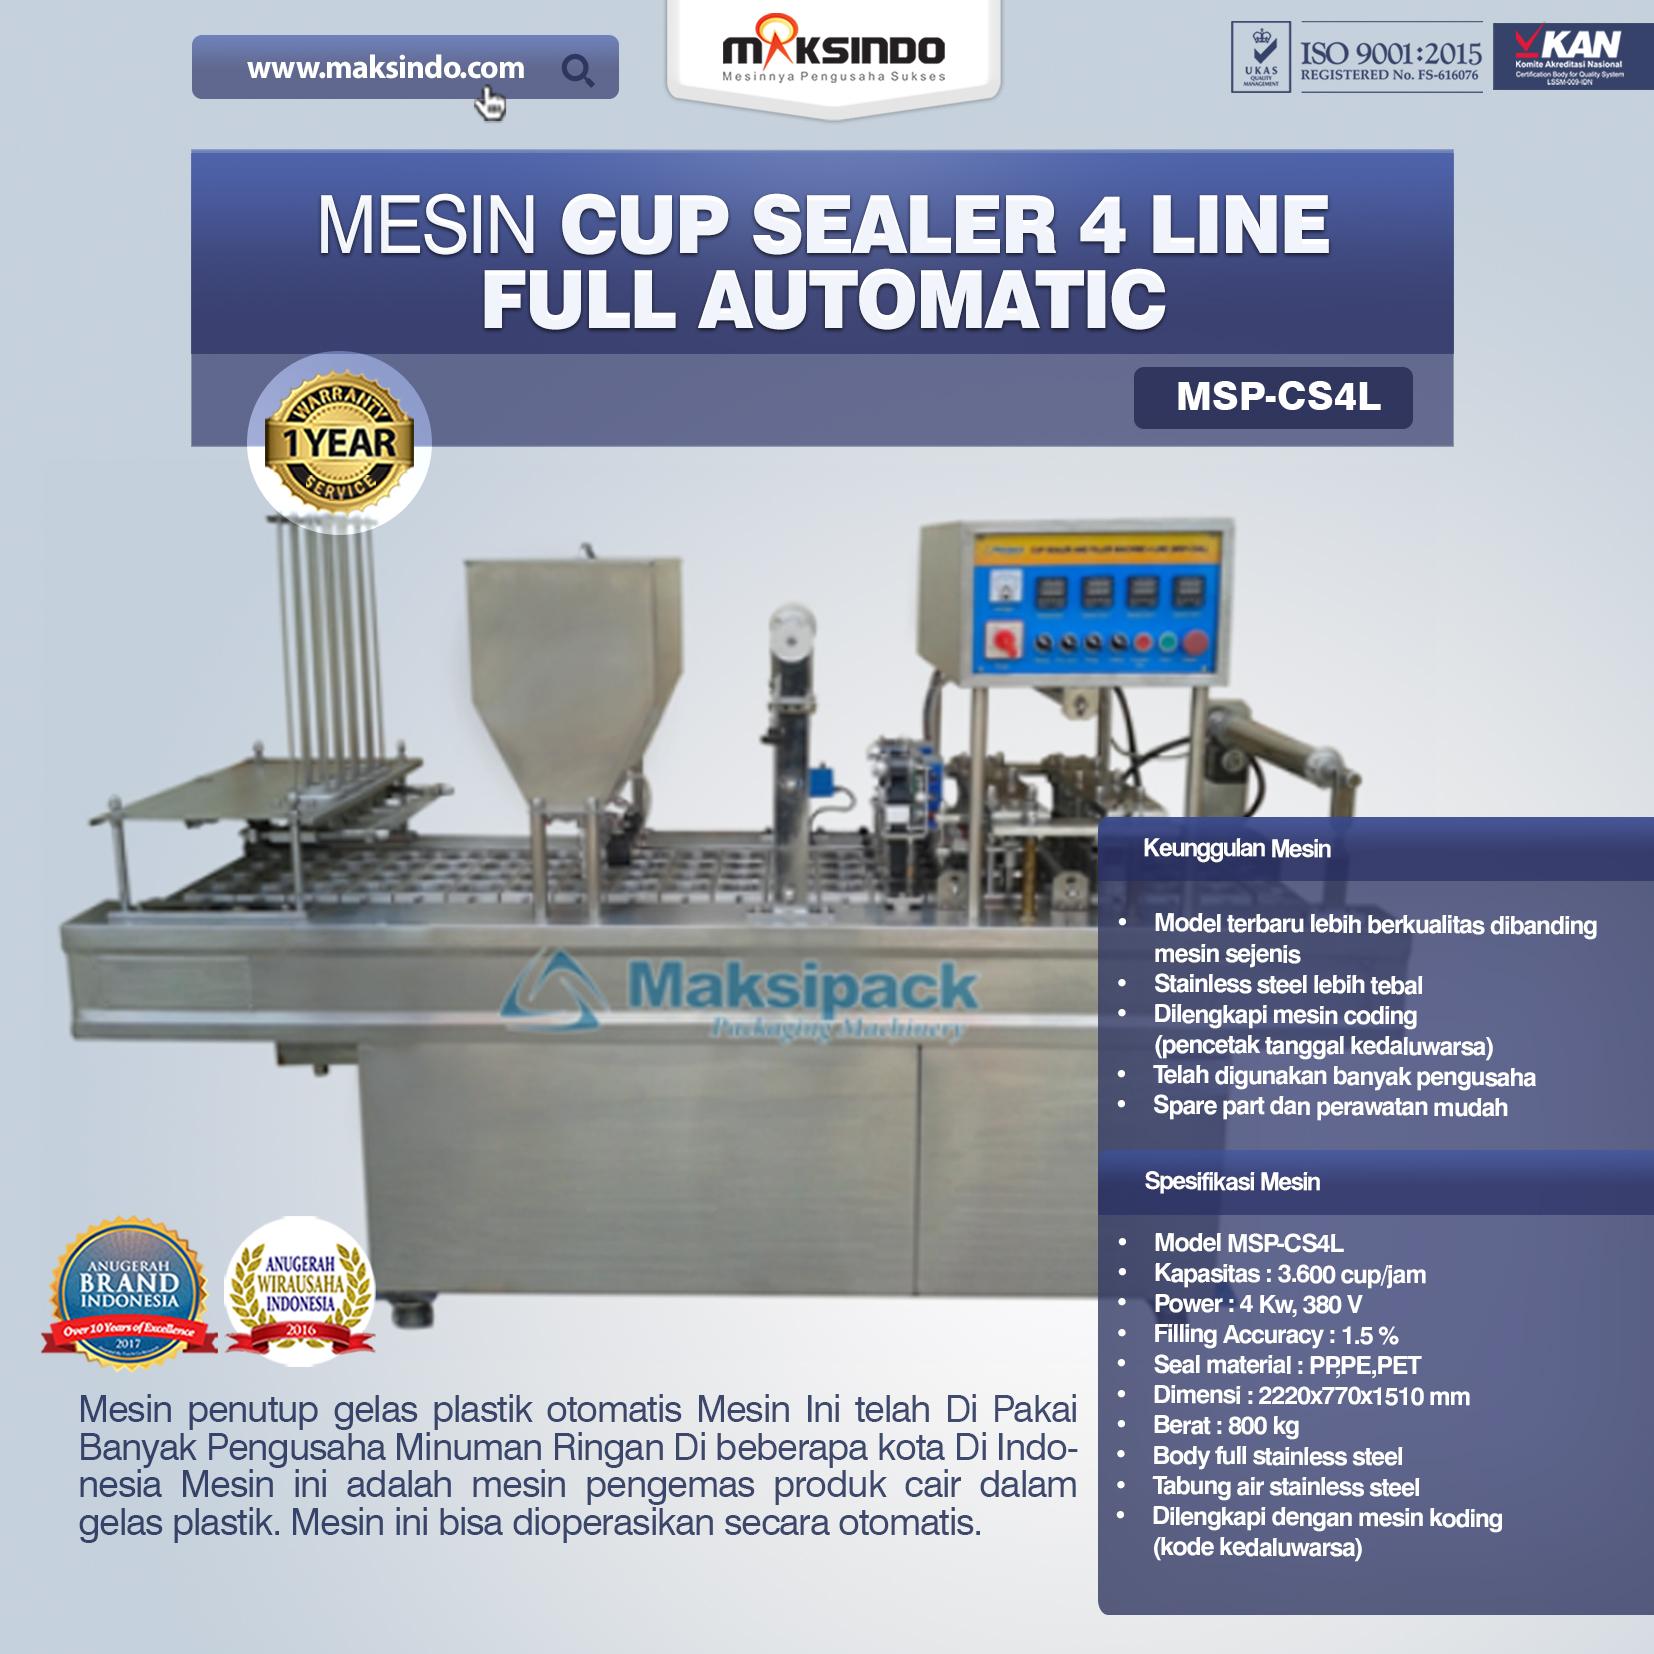 Jual Mesin Cup Sealer 4 Line di Medan